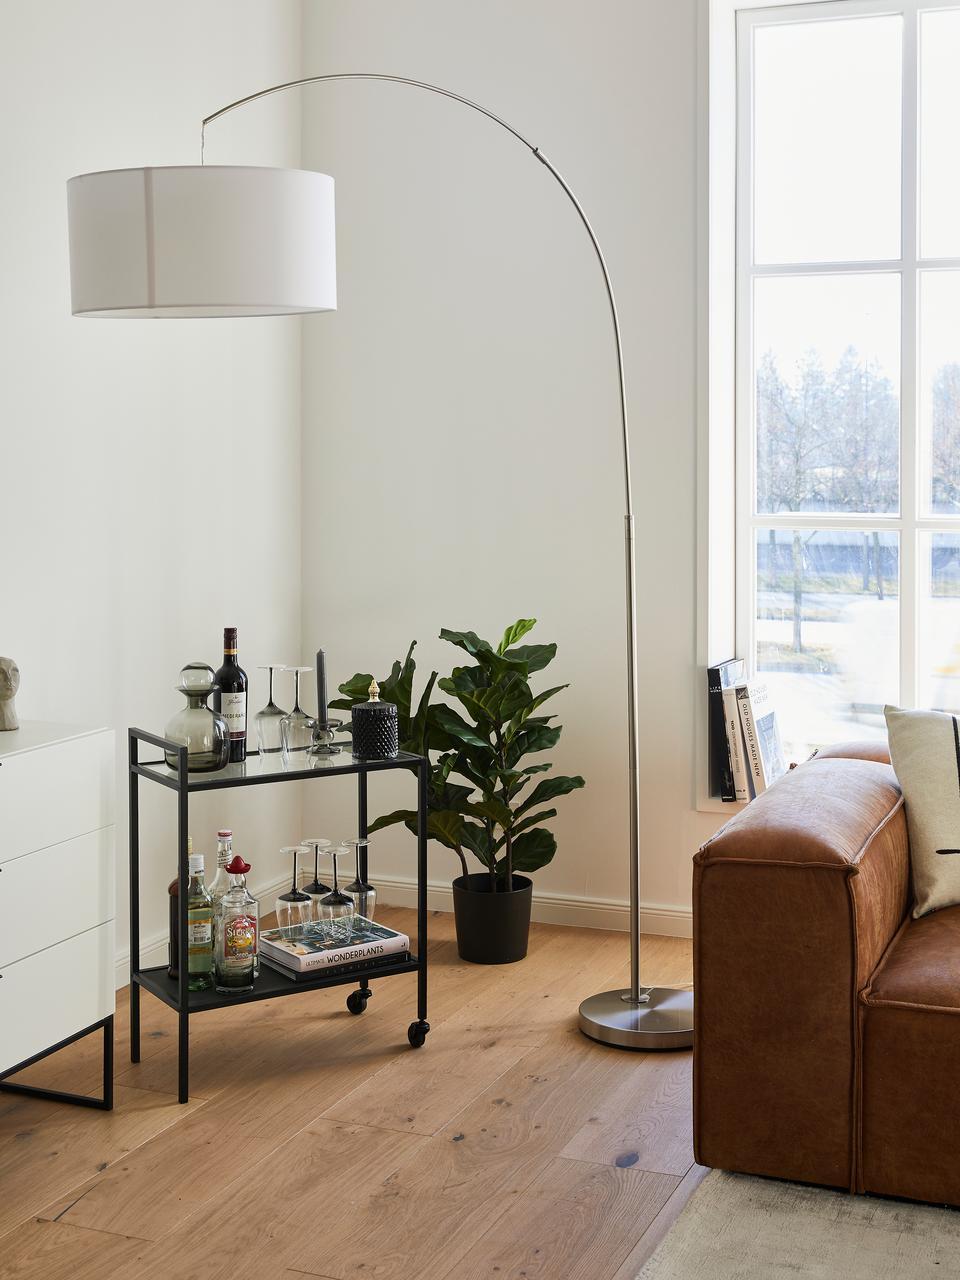 Moderne Bogenlampe Niels, Lampenschirm: Baumwollgemisch, Lampenfuß: Metall, gebürstet, Lampenschirm: WeißLampenfuß: ChromKabel: Transparent, 157 x 218 cm